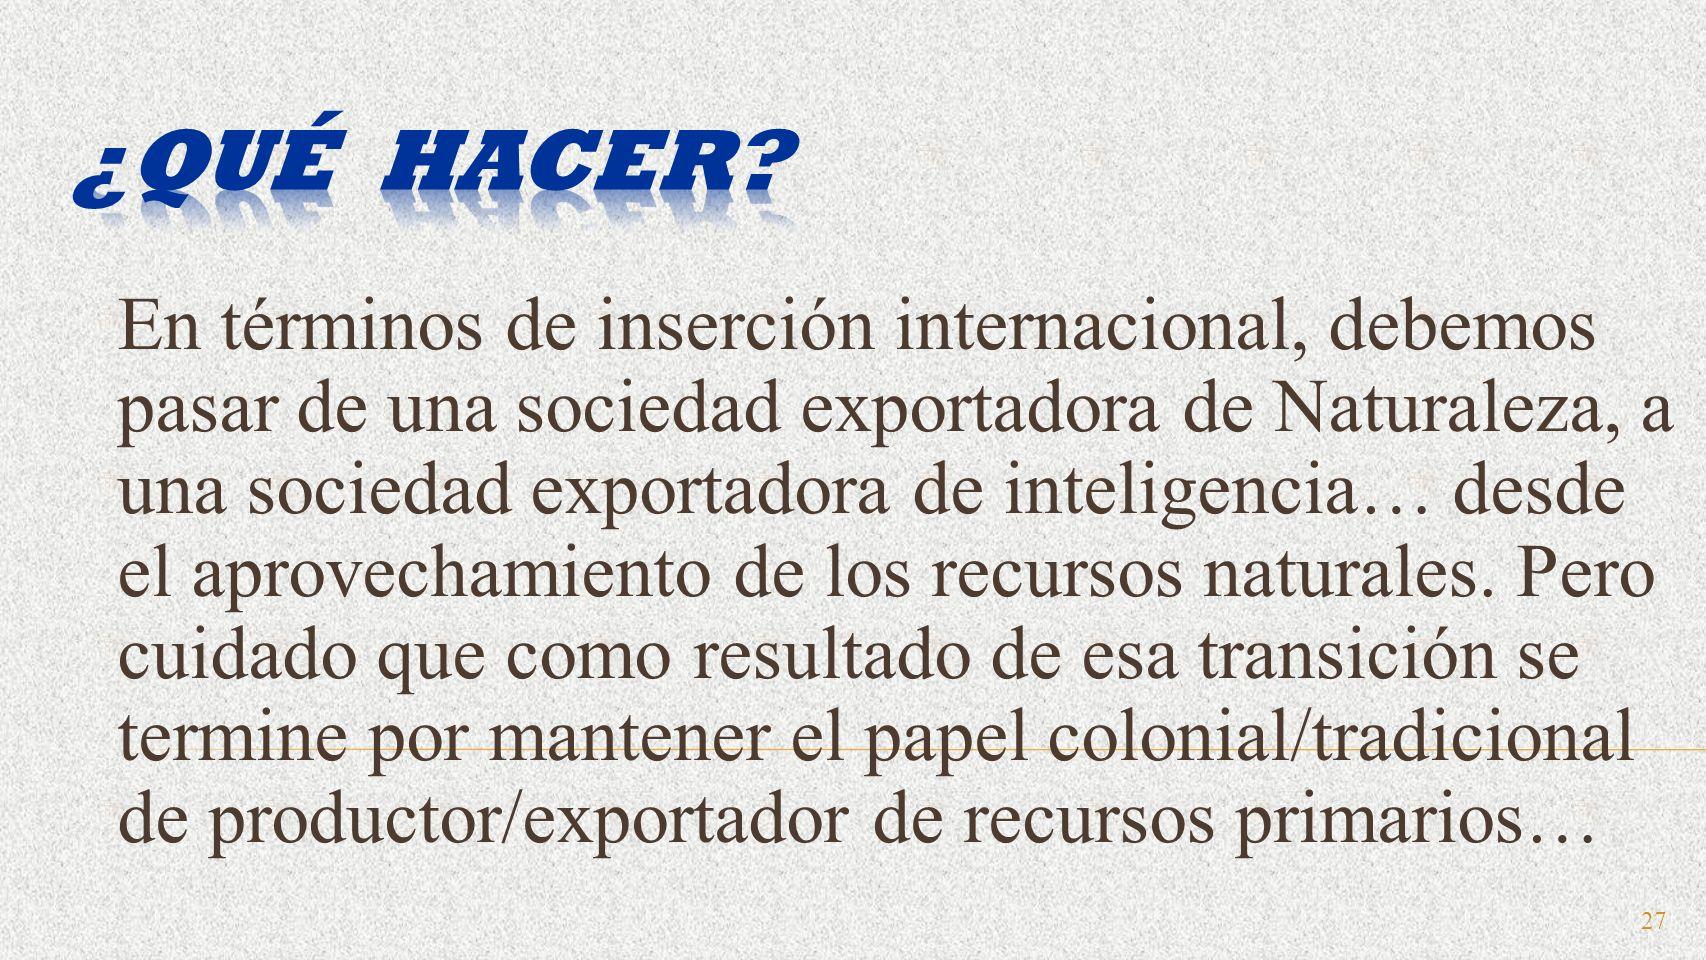 27 En términos de inserción internacional, debemos pasar de una sociedad exportadora de Naturaleza, a una sociedad exportadora de inteligencia… desde